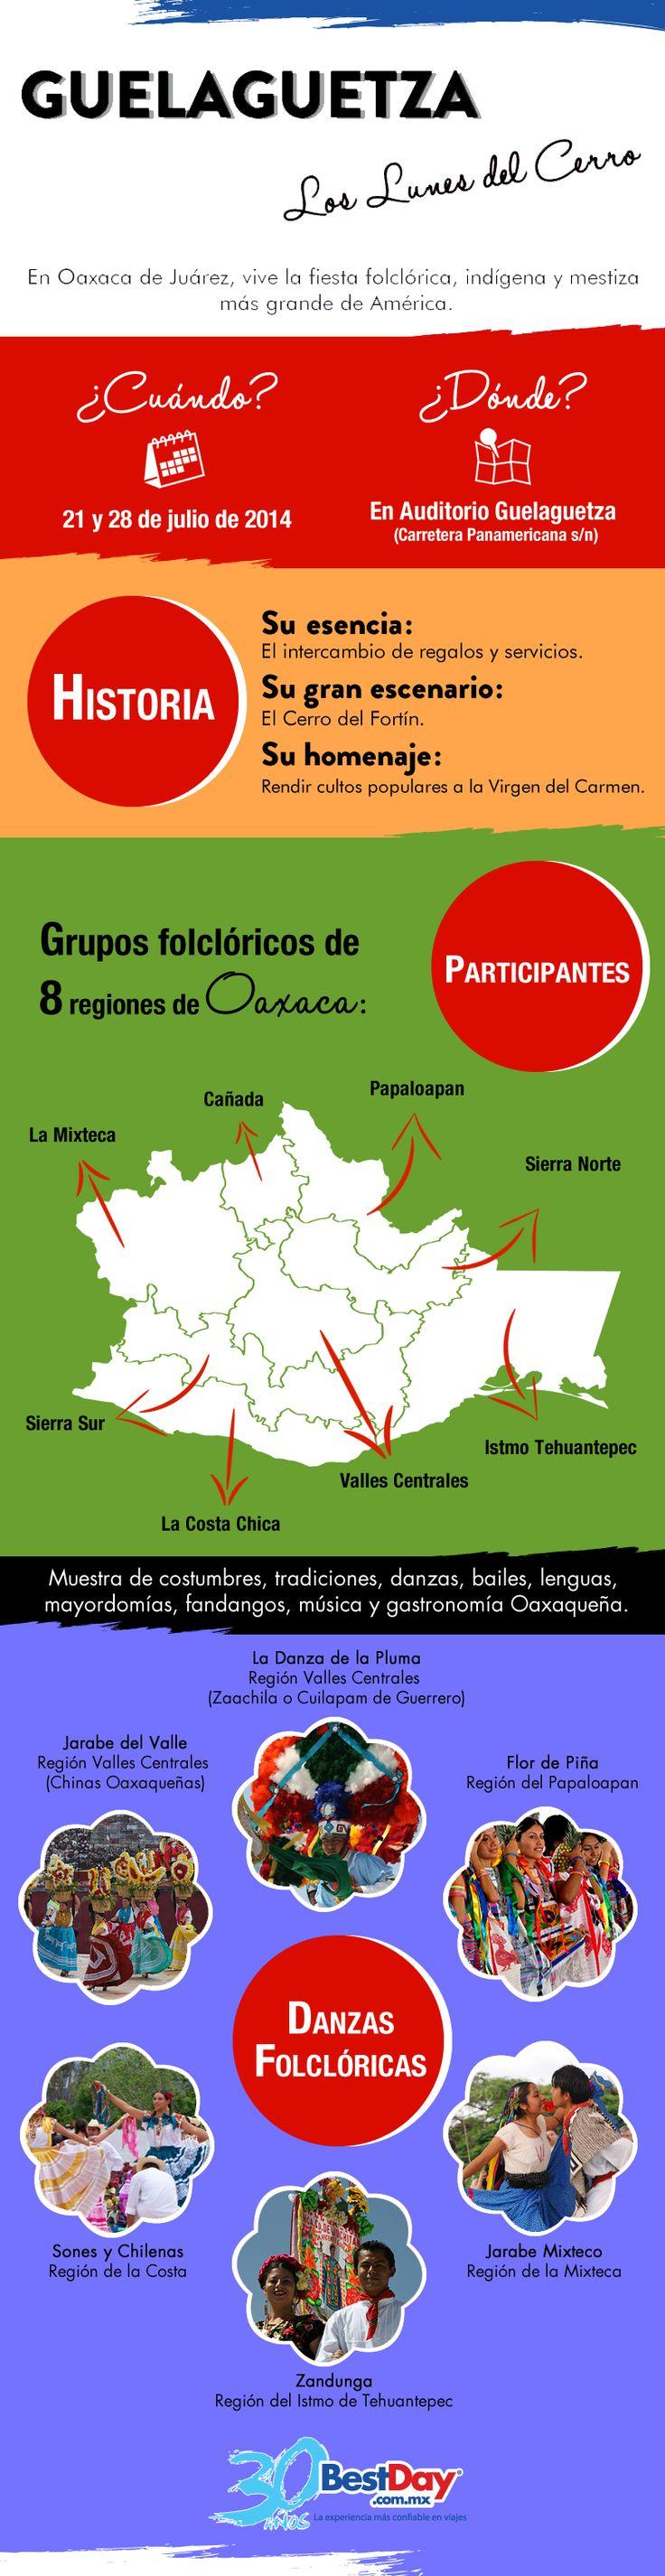 La celebración de la Guelaguetza se presenta como la feria más importante de #Oaxaca, un estado que nos brinda grandes expresiones culturales. Y estas fiestas ponen de manifiesto cada una de las expresiones culturales que podemos disfrutar este año. #BestDay #OjalaEstuvierasAqui